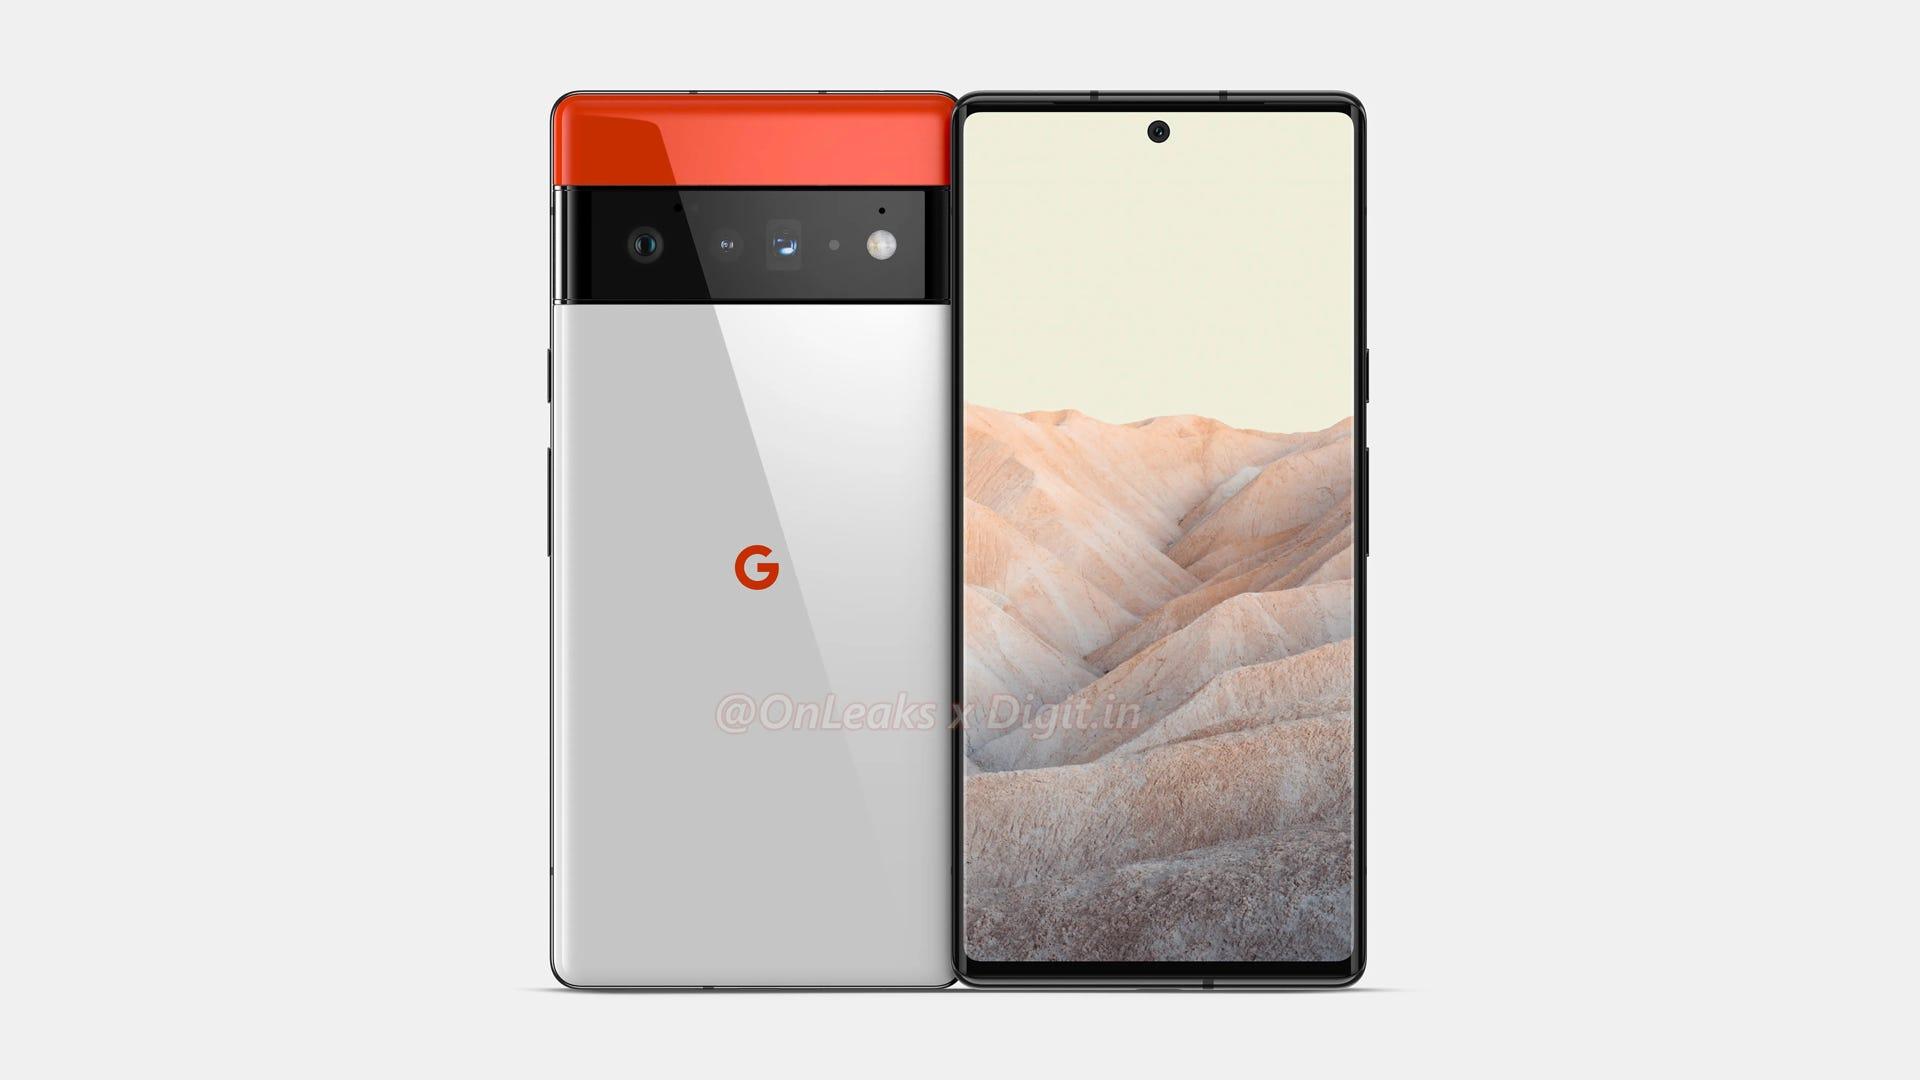 Google Pixel 6 Pro leaked image